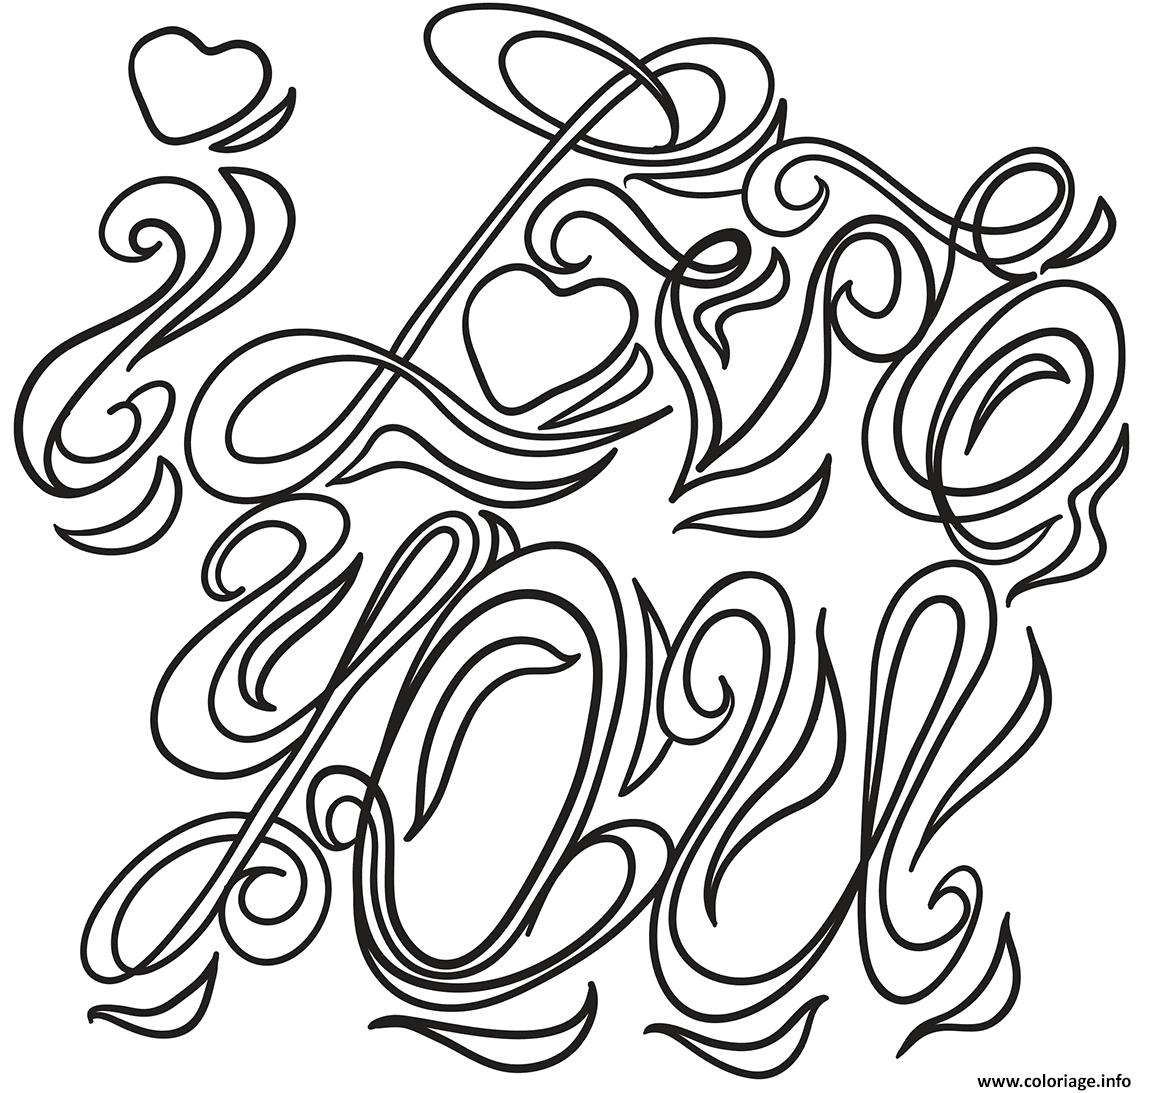 Dessin i love you saint valentin Coloriage Gratuit à Imprimer